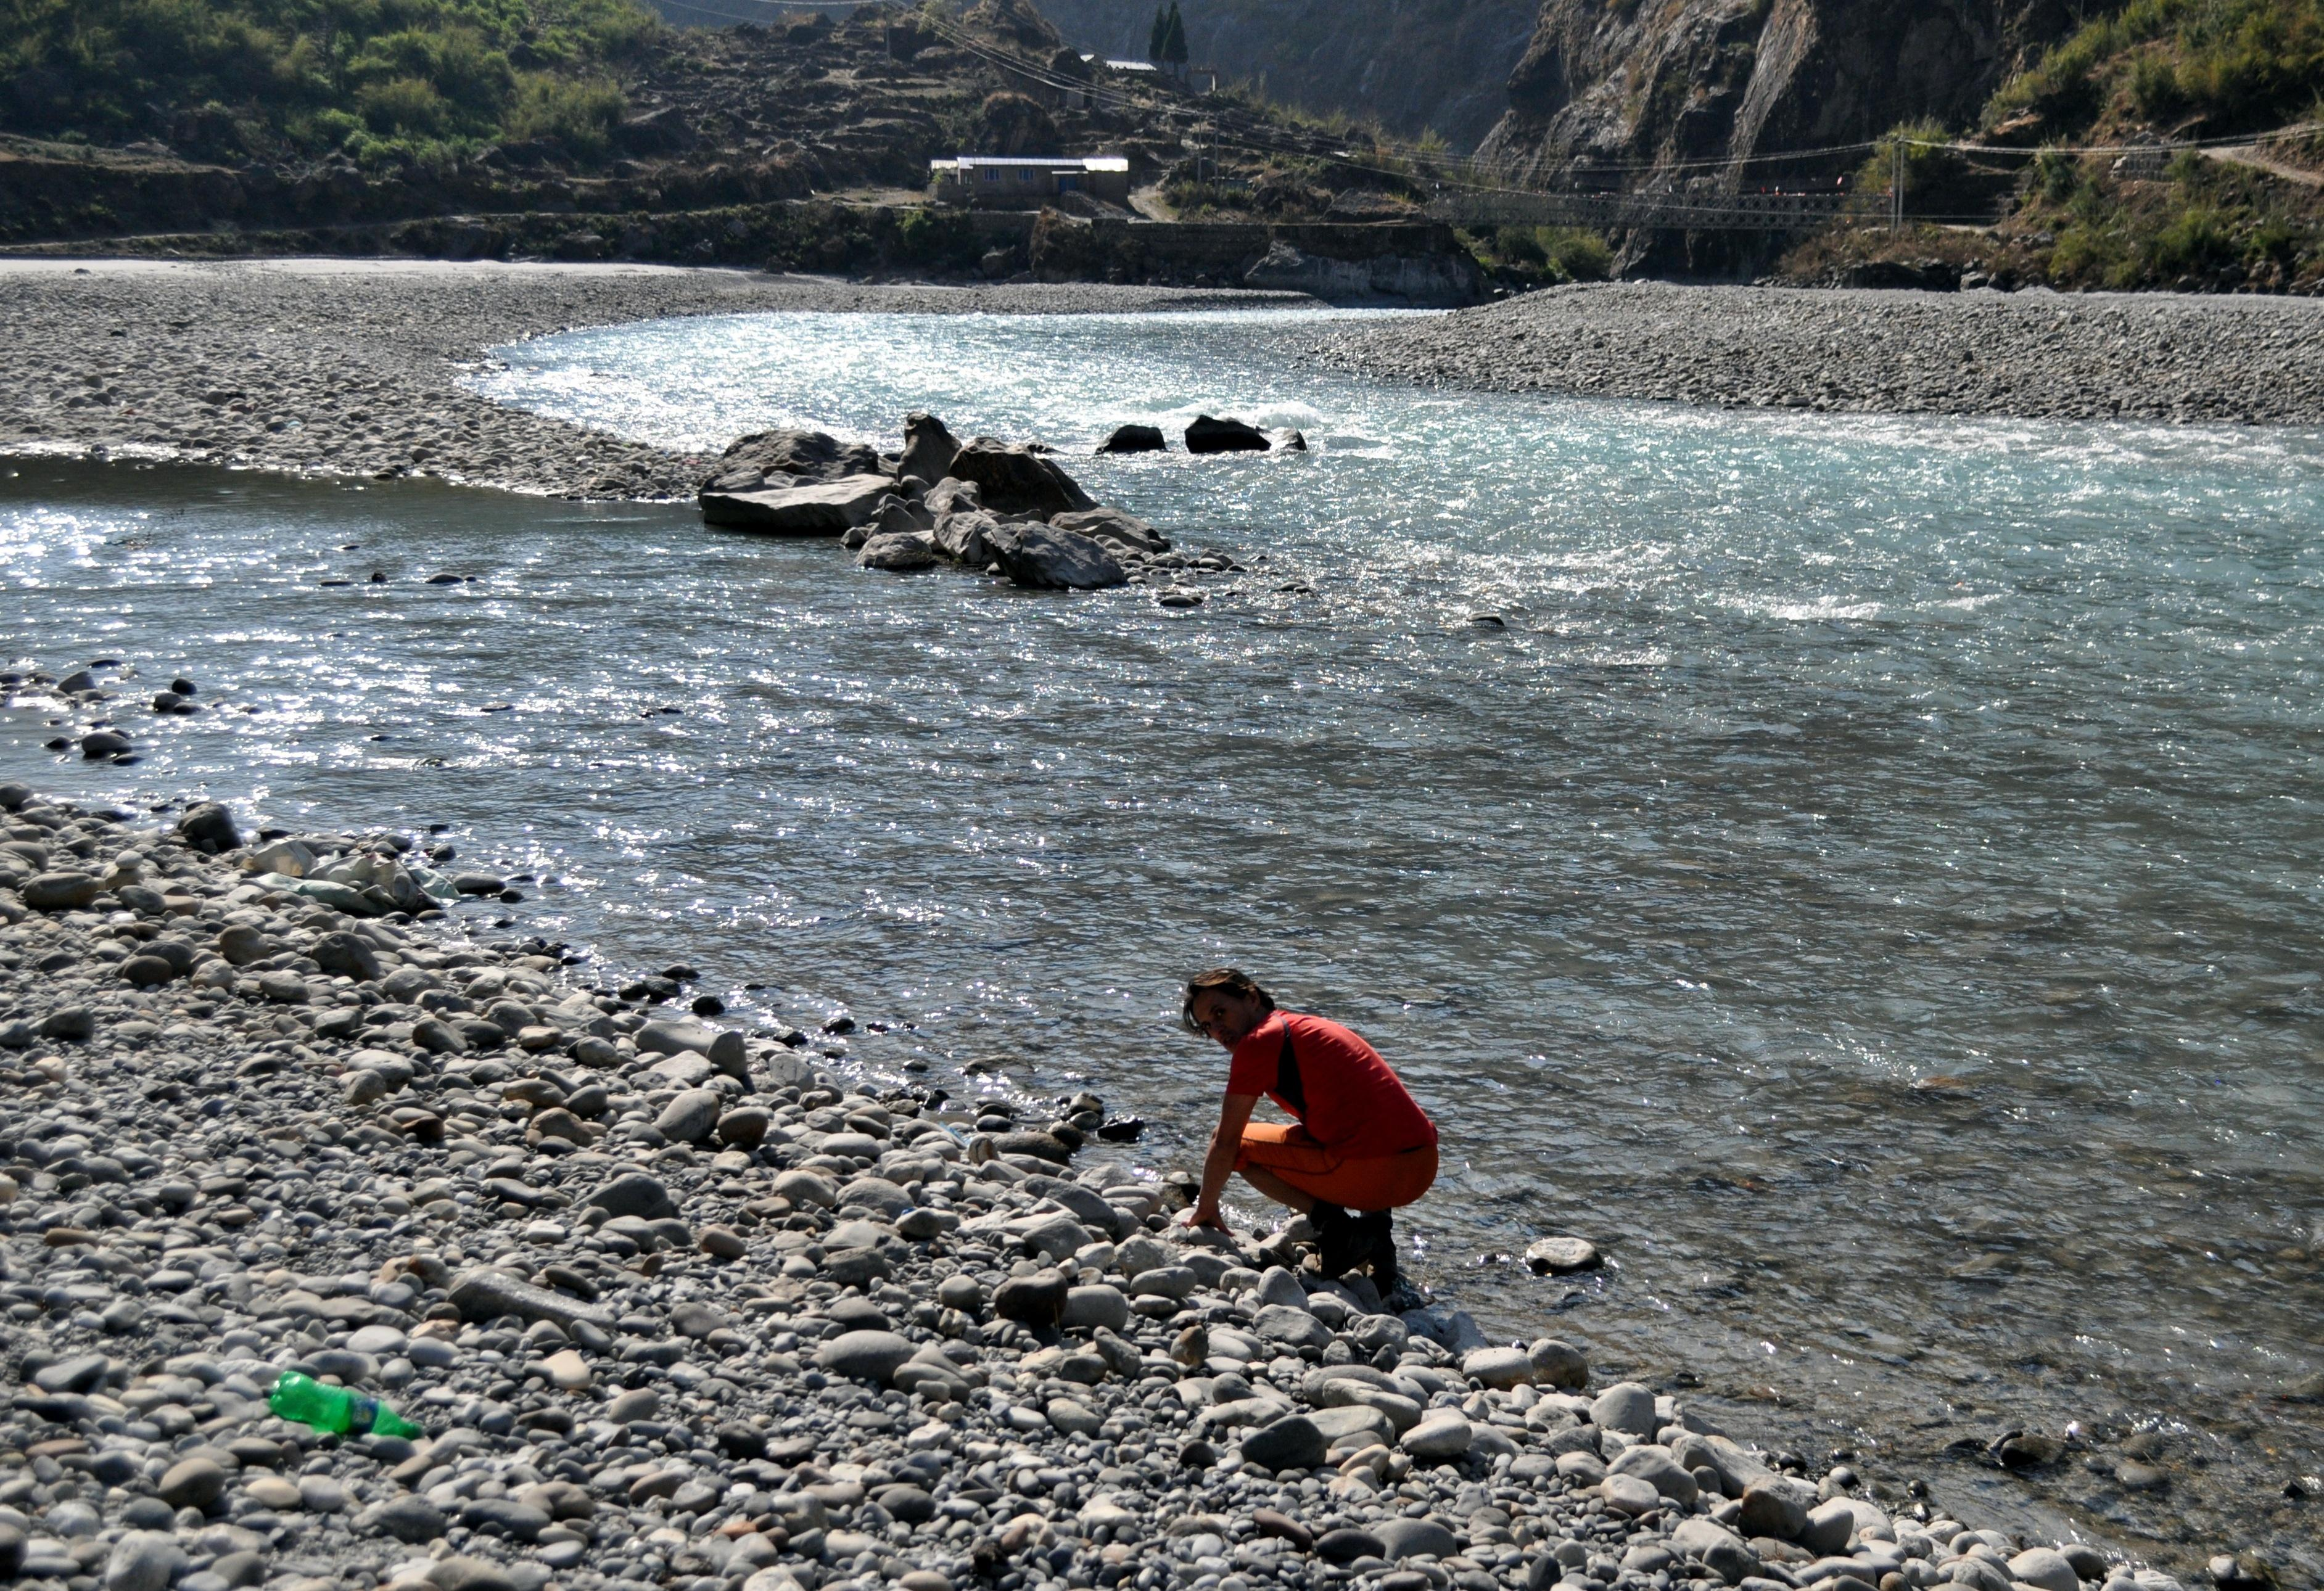 visto che qui il fiume è facilmente accessibile vado a sentire la temperatura dell'acqua. Freddina, ma ho fatto il bagno in molto peggio ;)